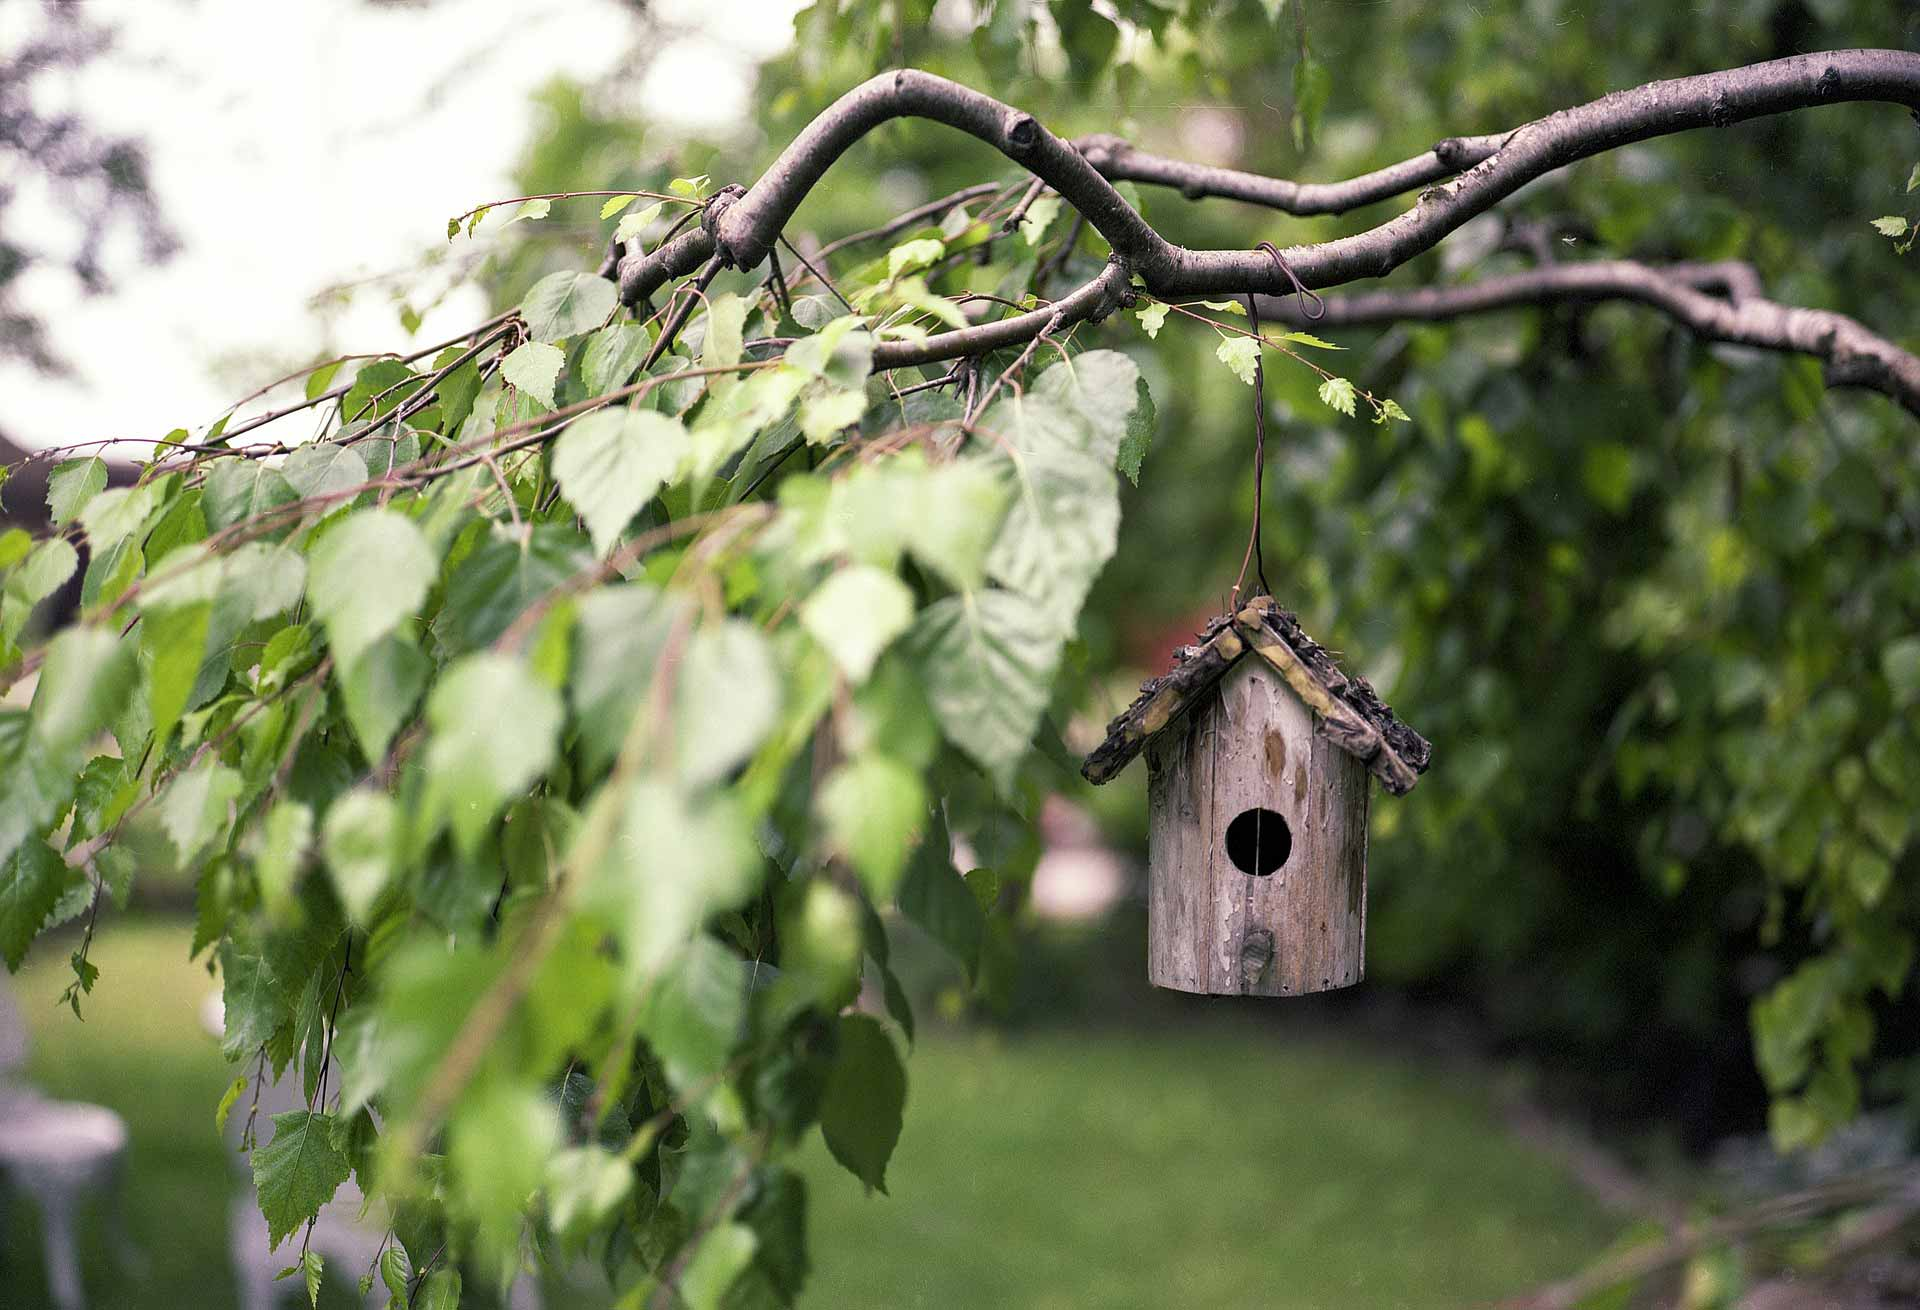 Έφτασε η εποχή για να φροντίσετε τα ξύλινα έπιπλα κήπου